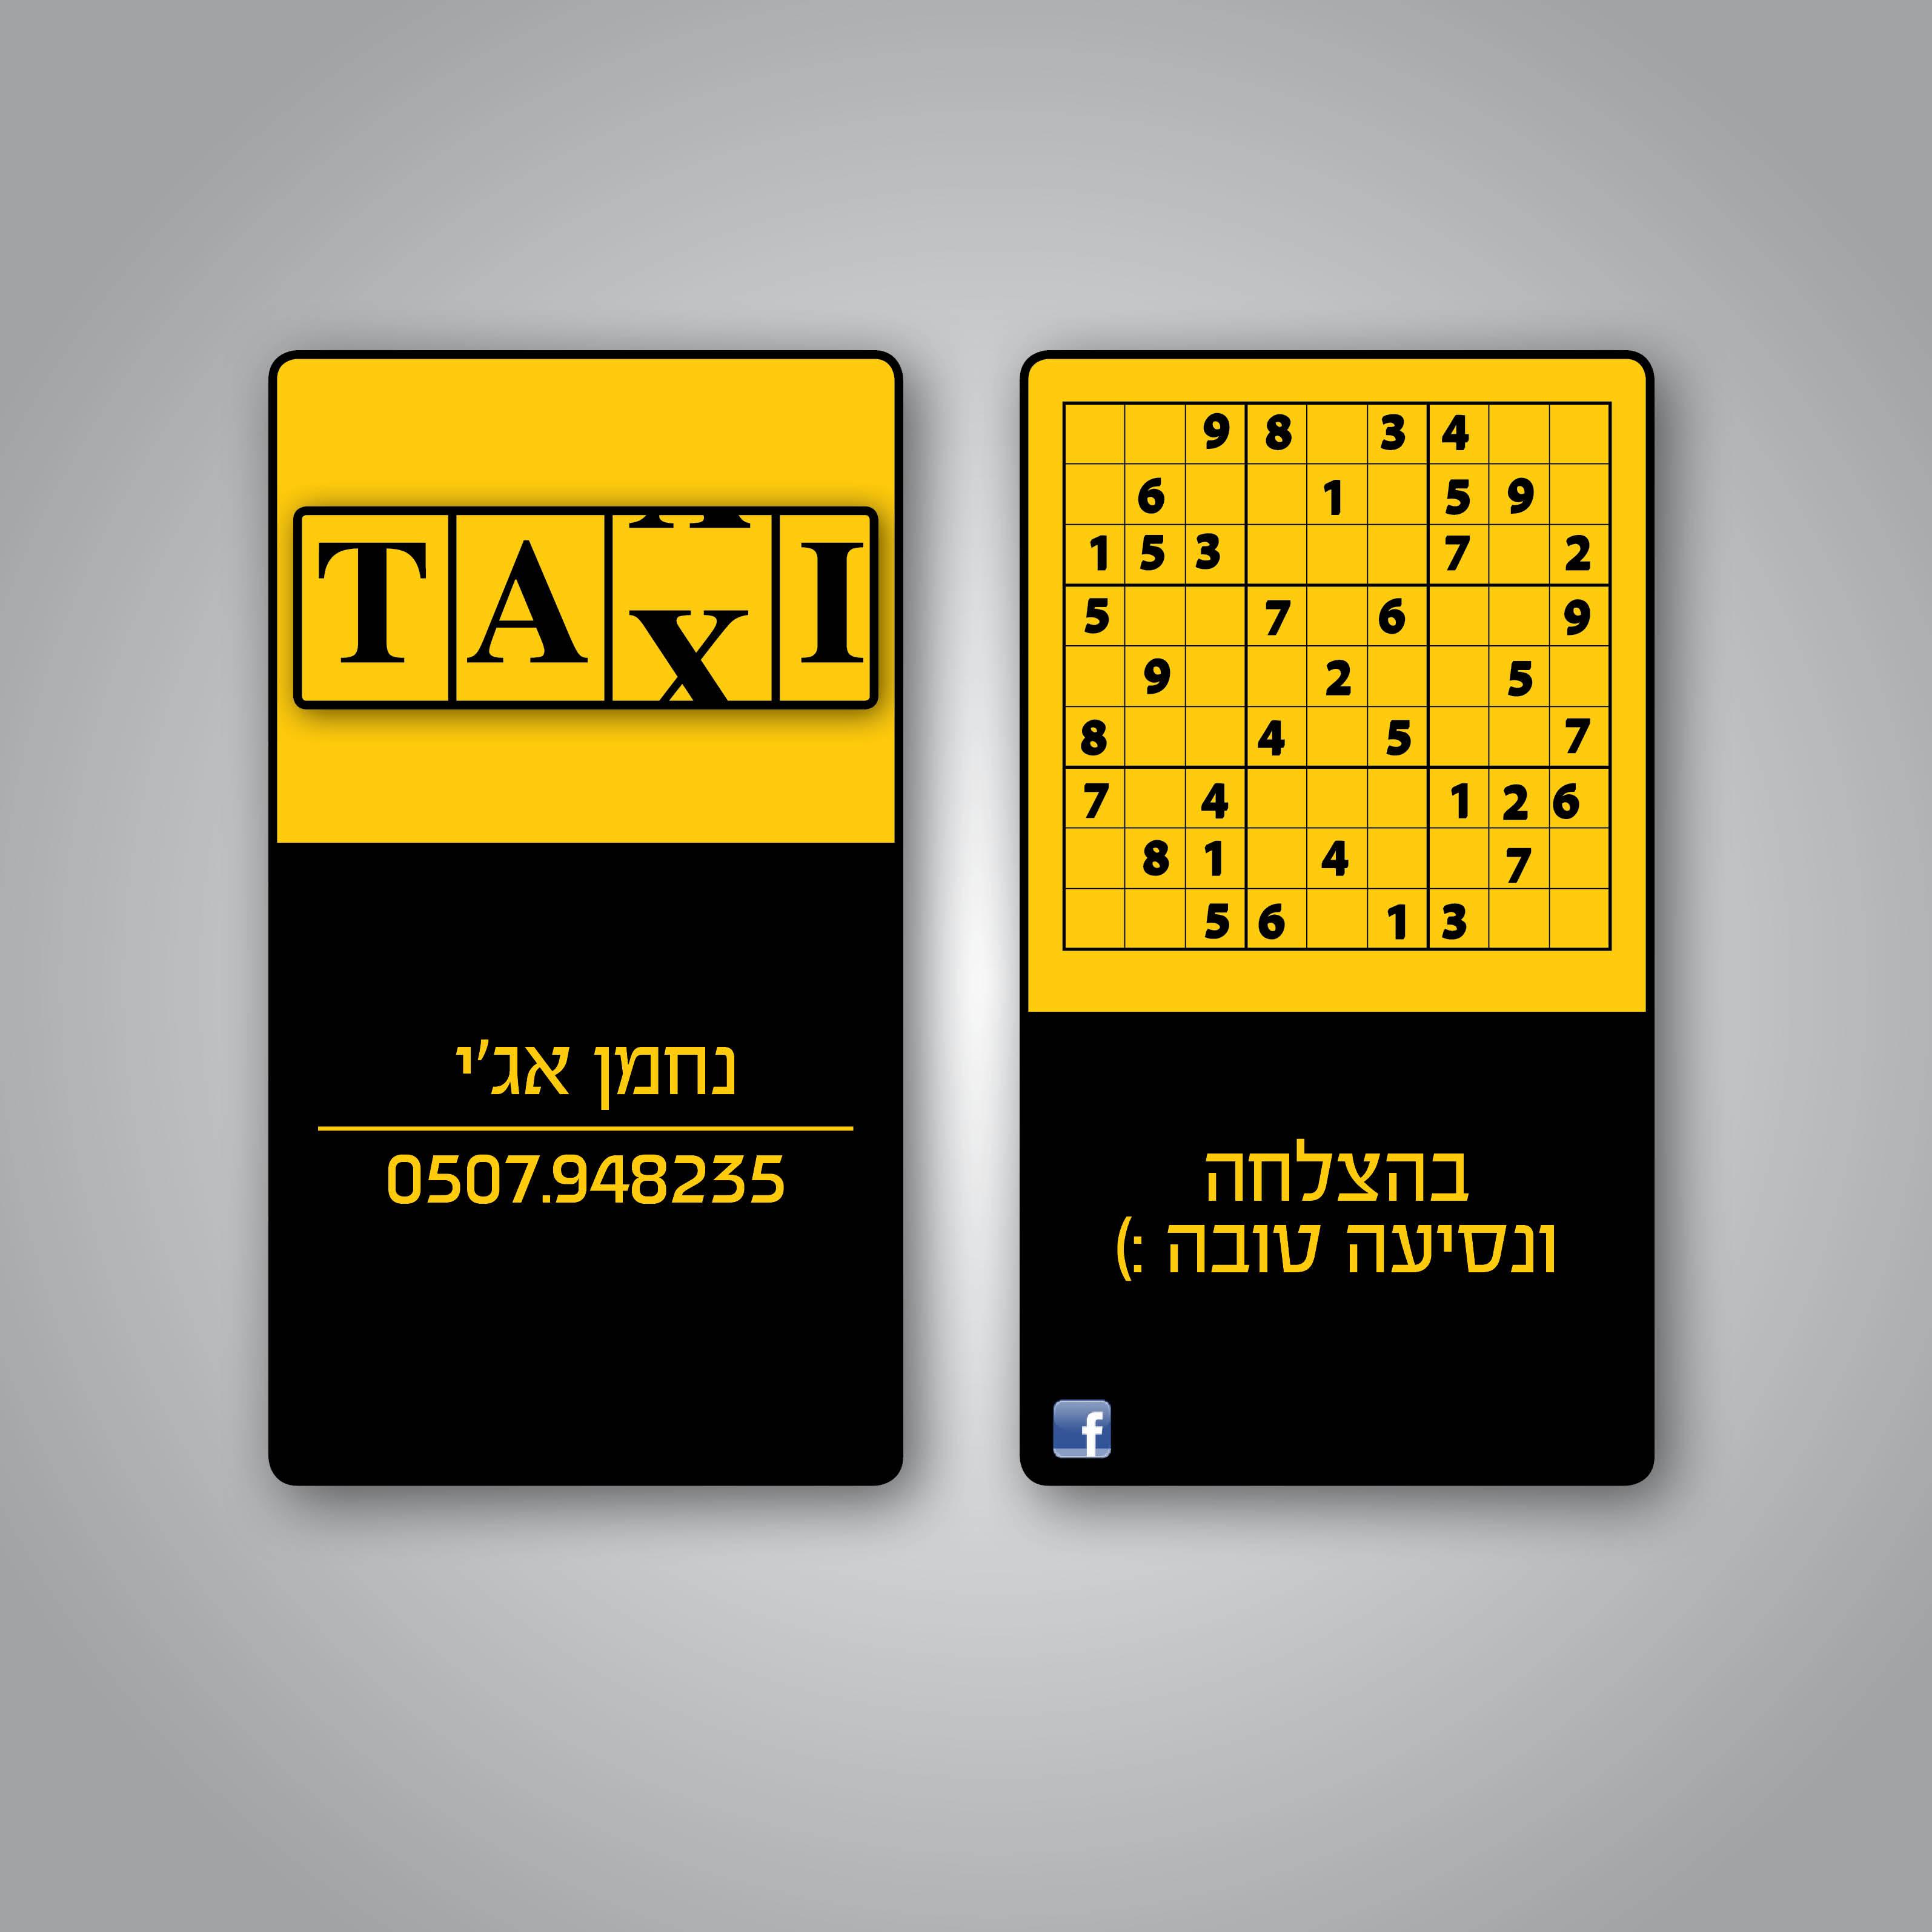 כרטיס ביקור לנהג מונית